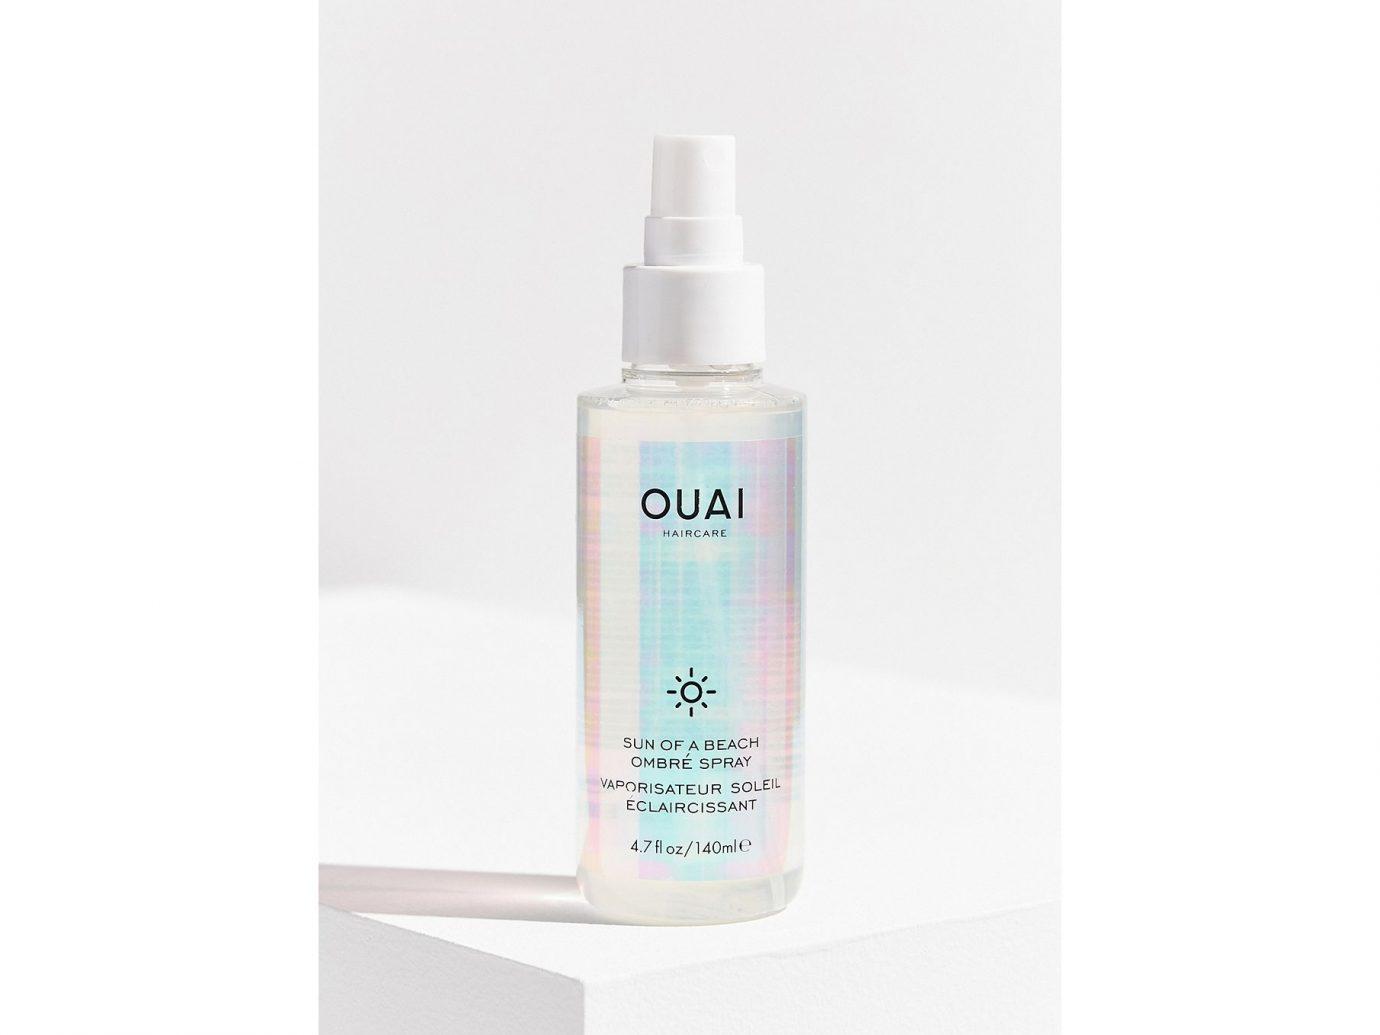 Ouai Sun of a Beach Ombré Spray